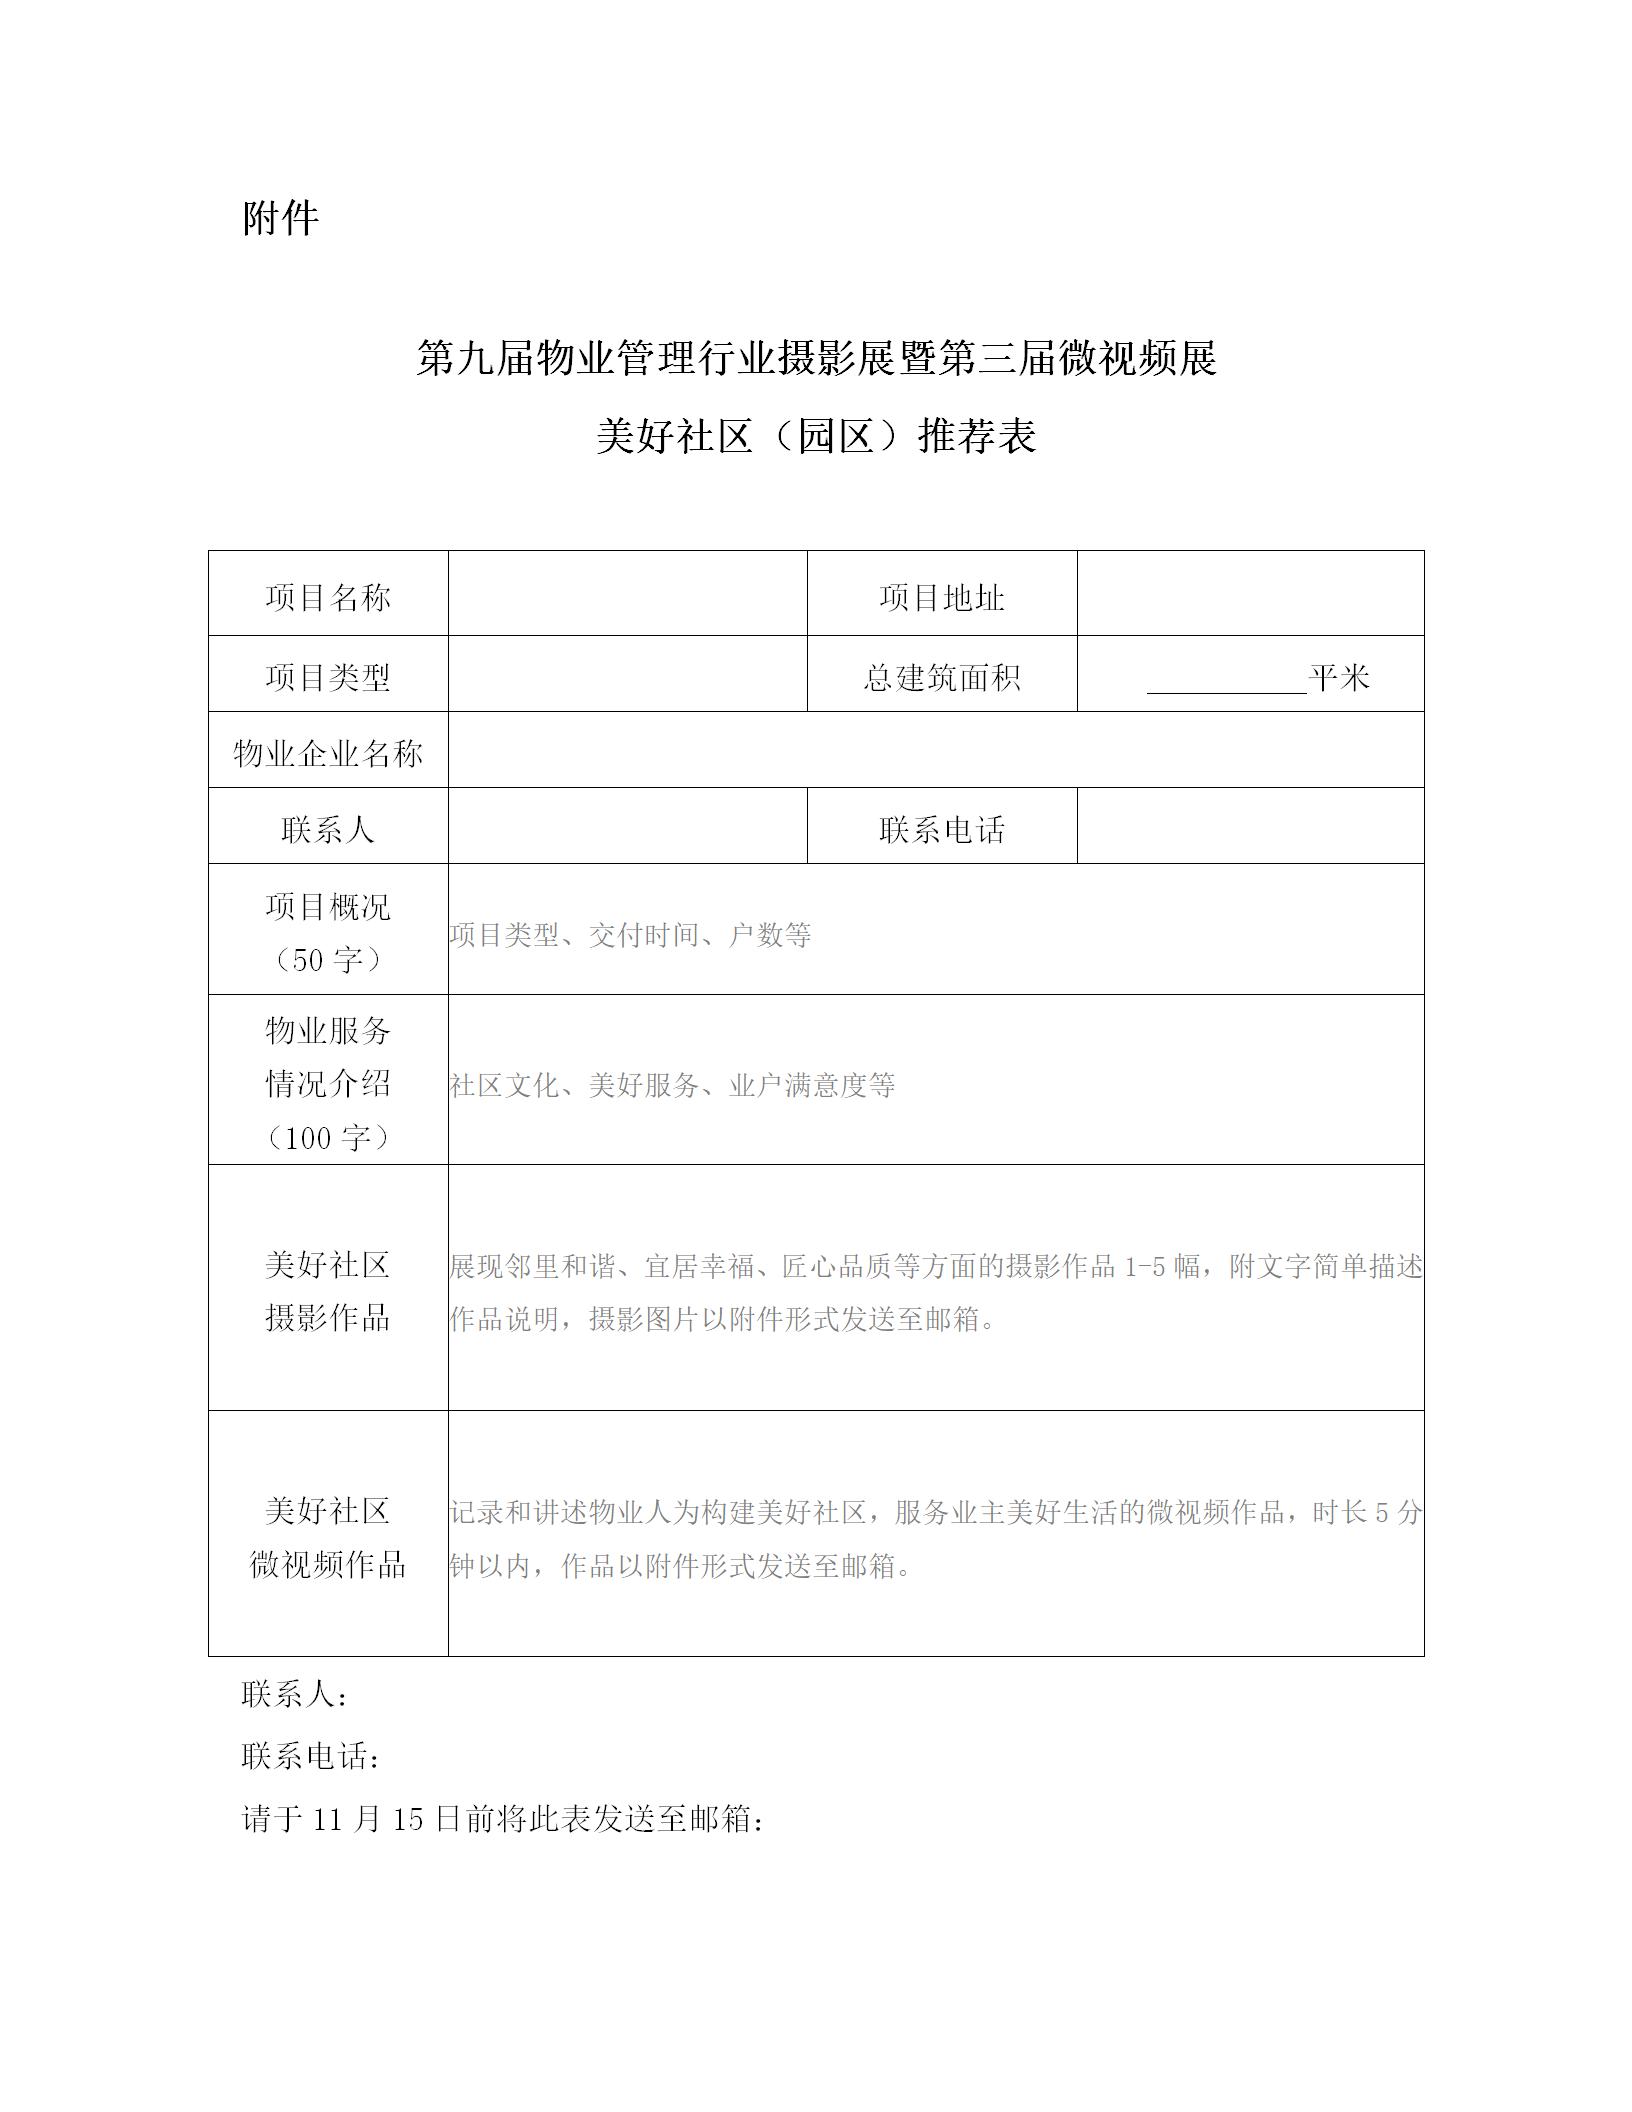 4. 2020 第九届摄影展 美好社区推荐函_02.png